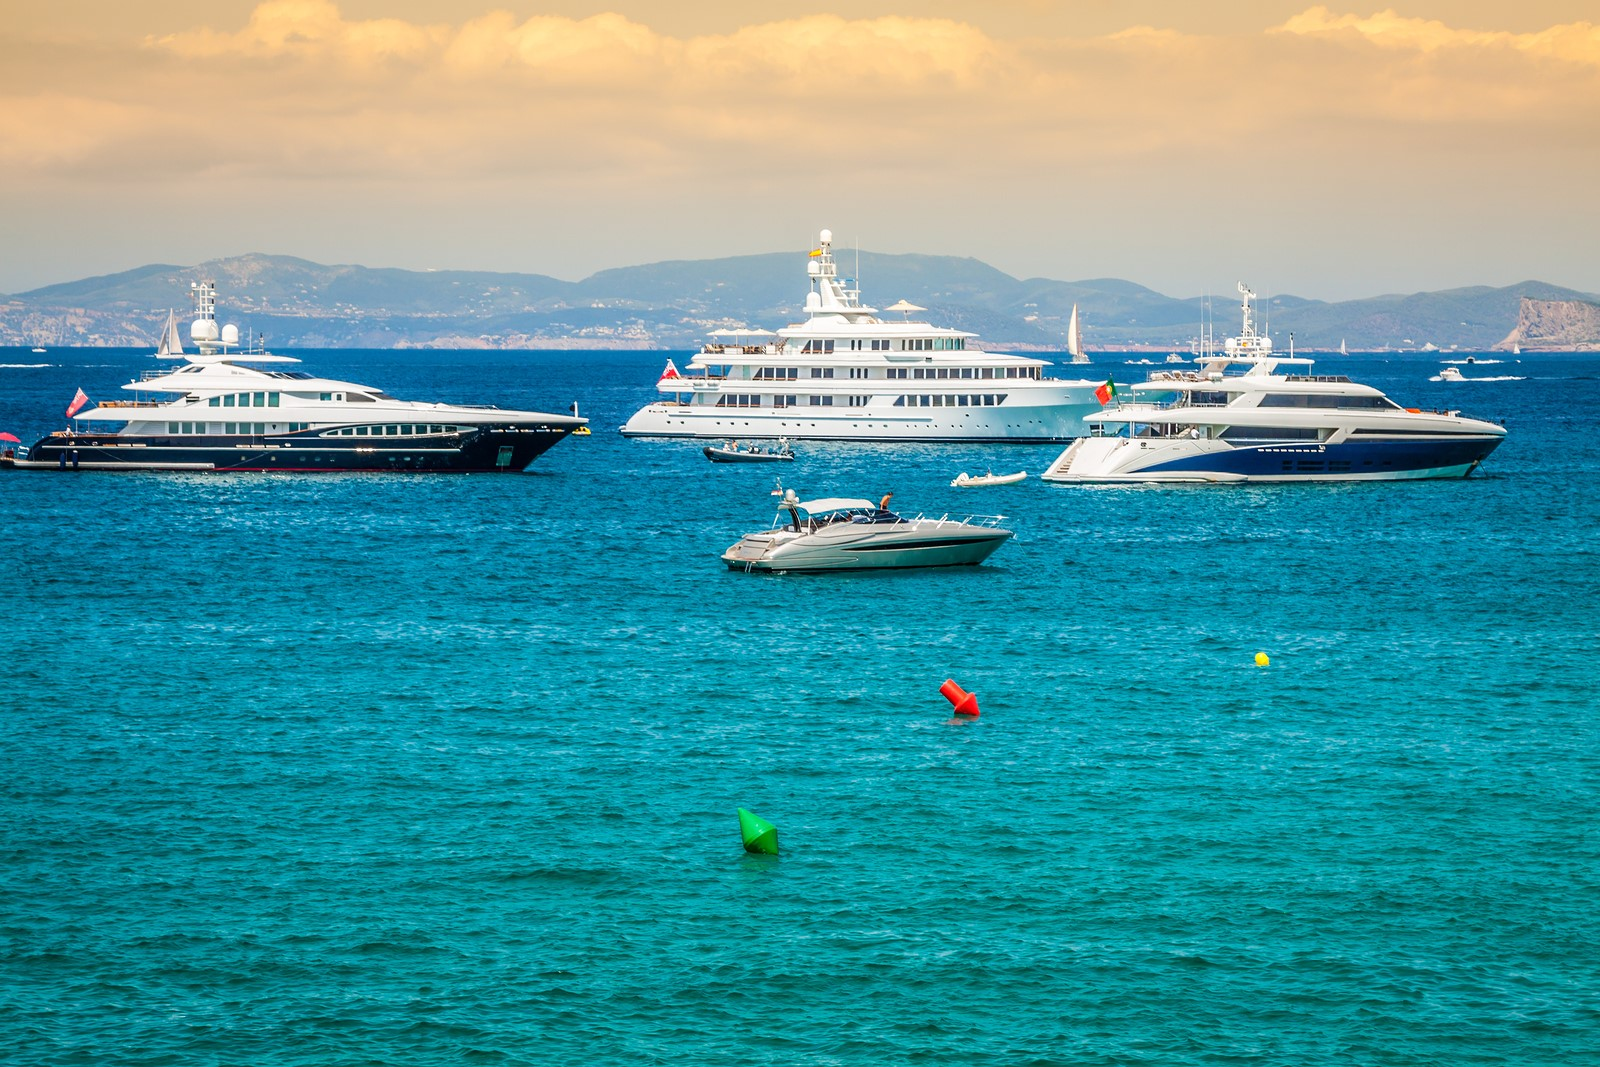 Alquiler de yates en Formentera. Alquiler de barcos en Formentera. Yates de alquiler en Formentera.